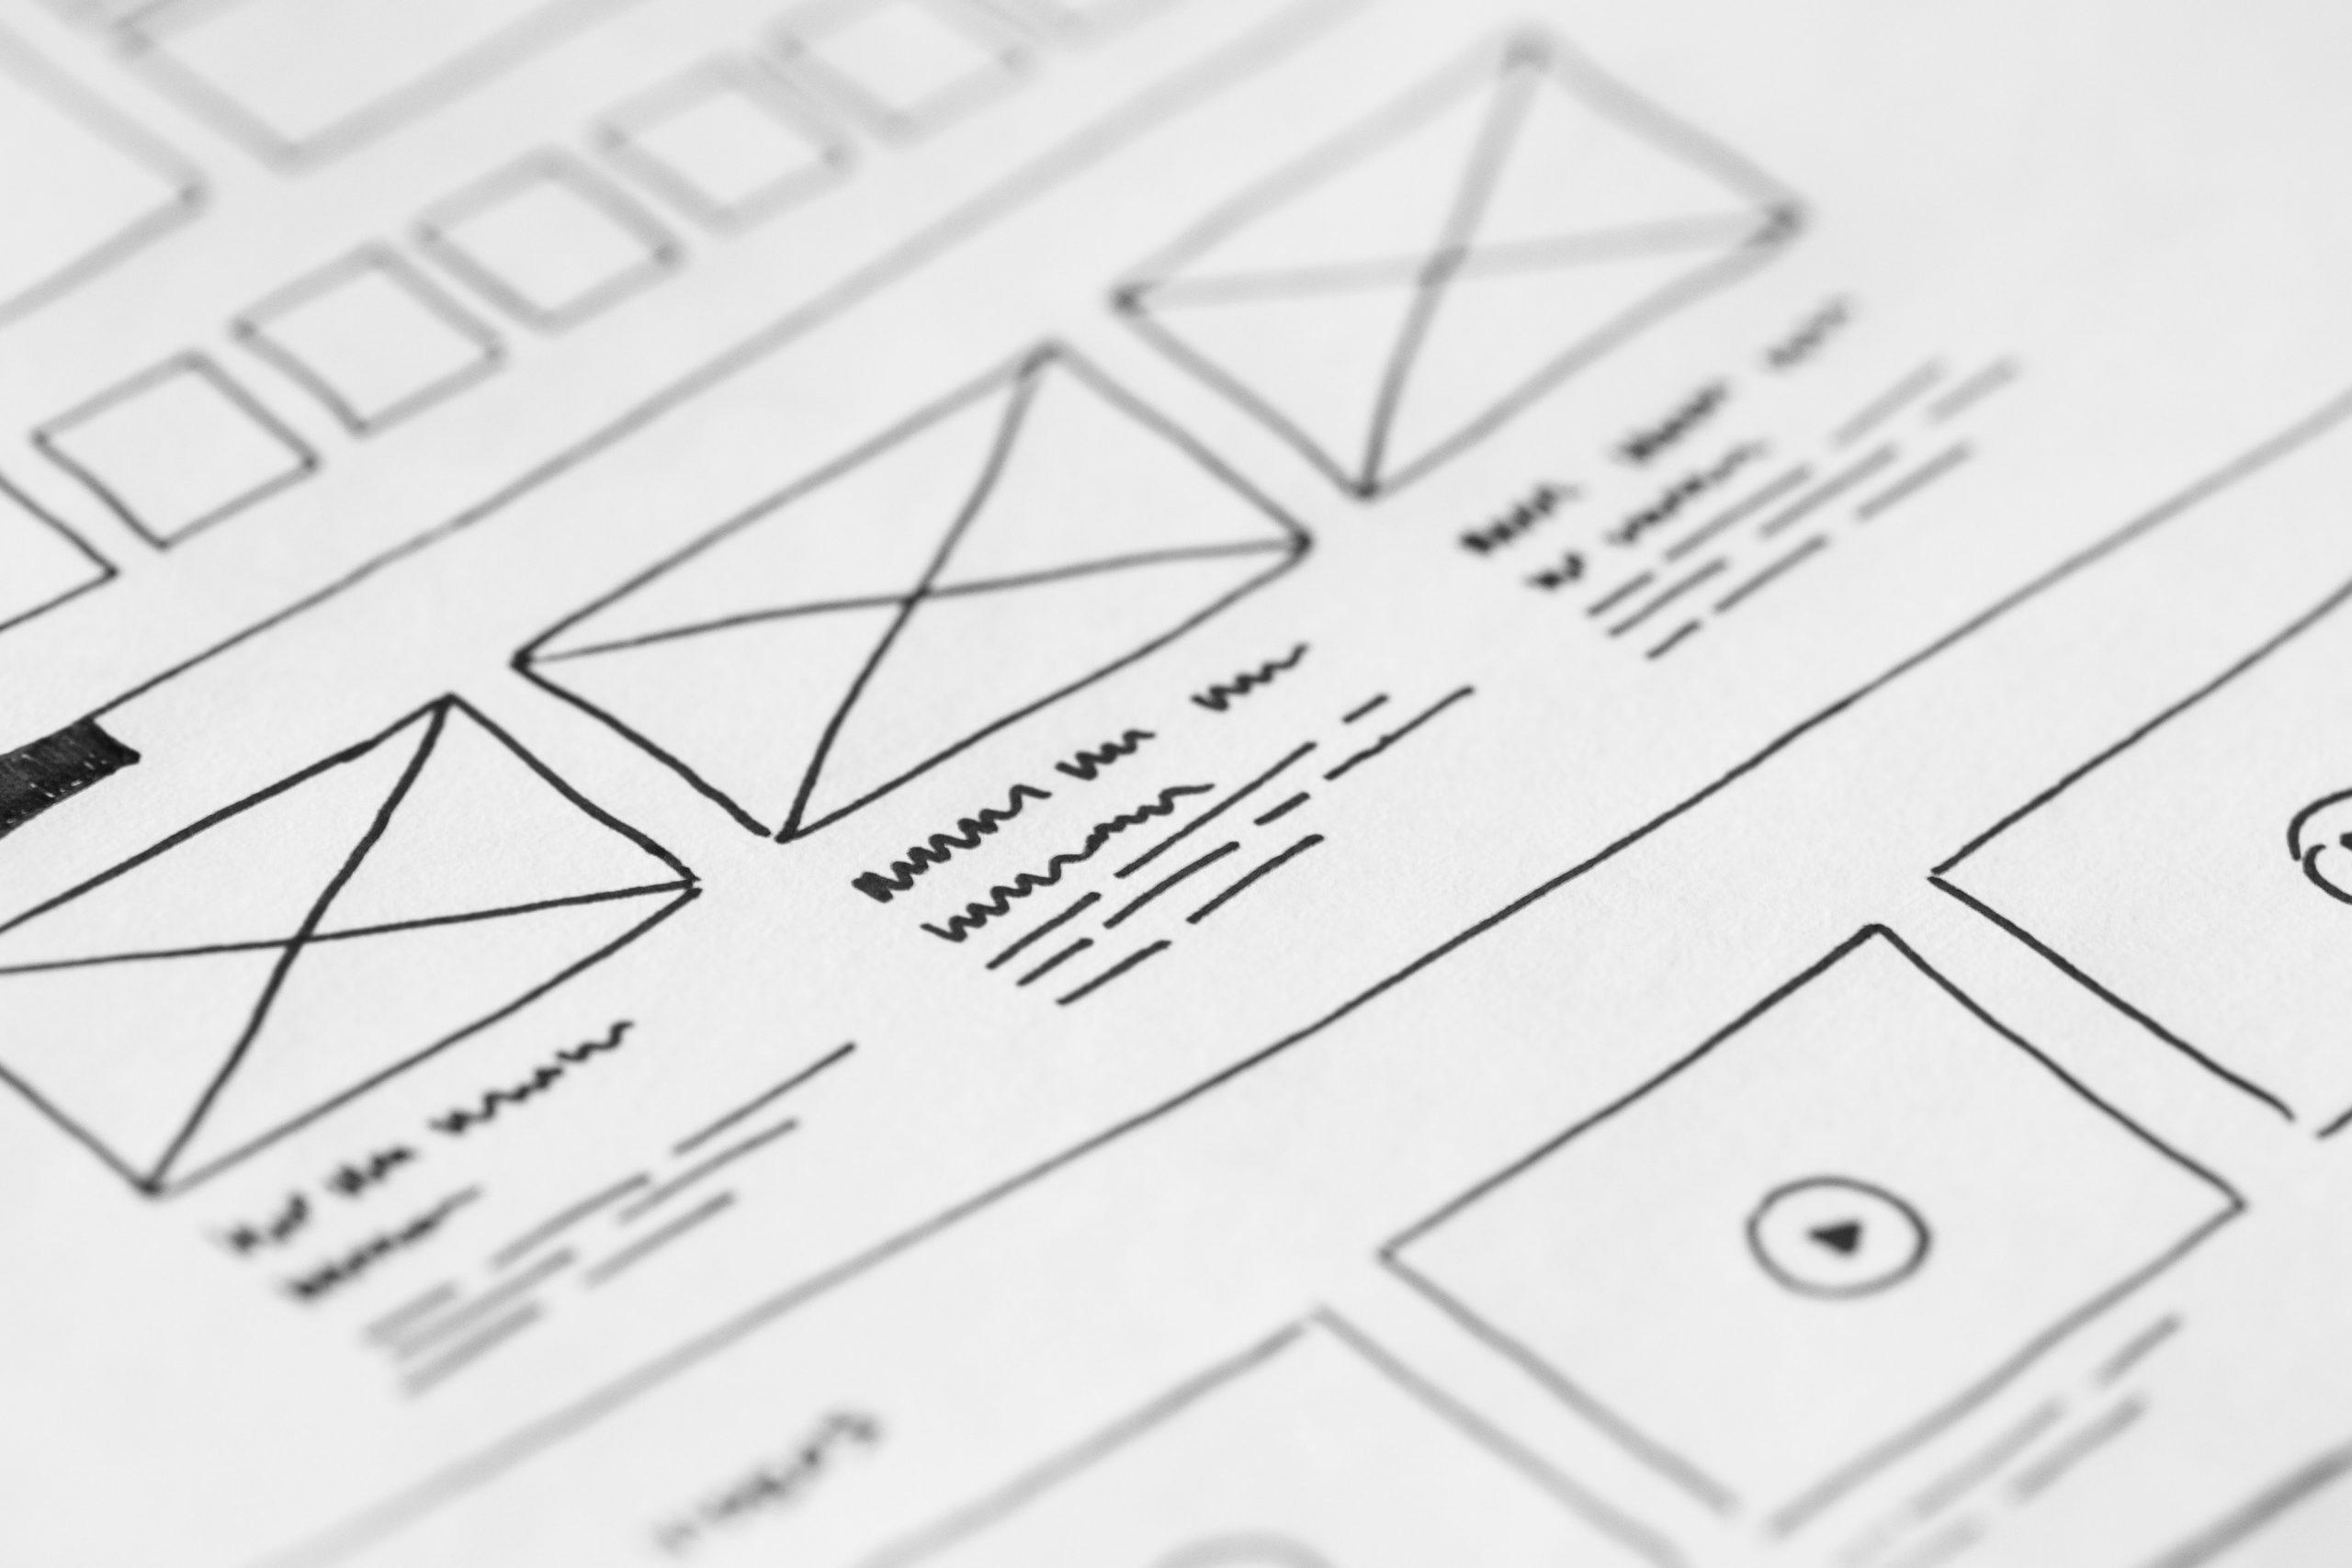 UX UI Design & Prototyping